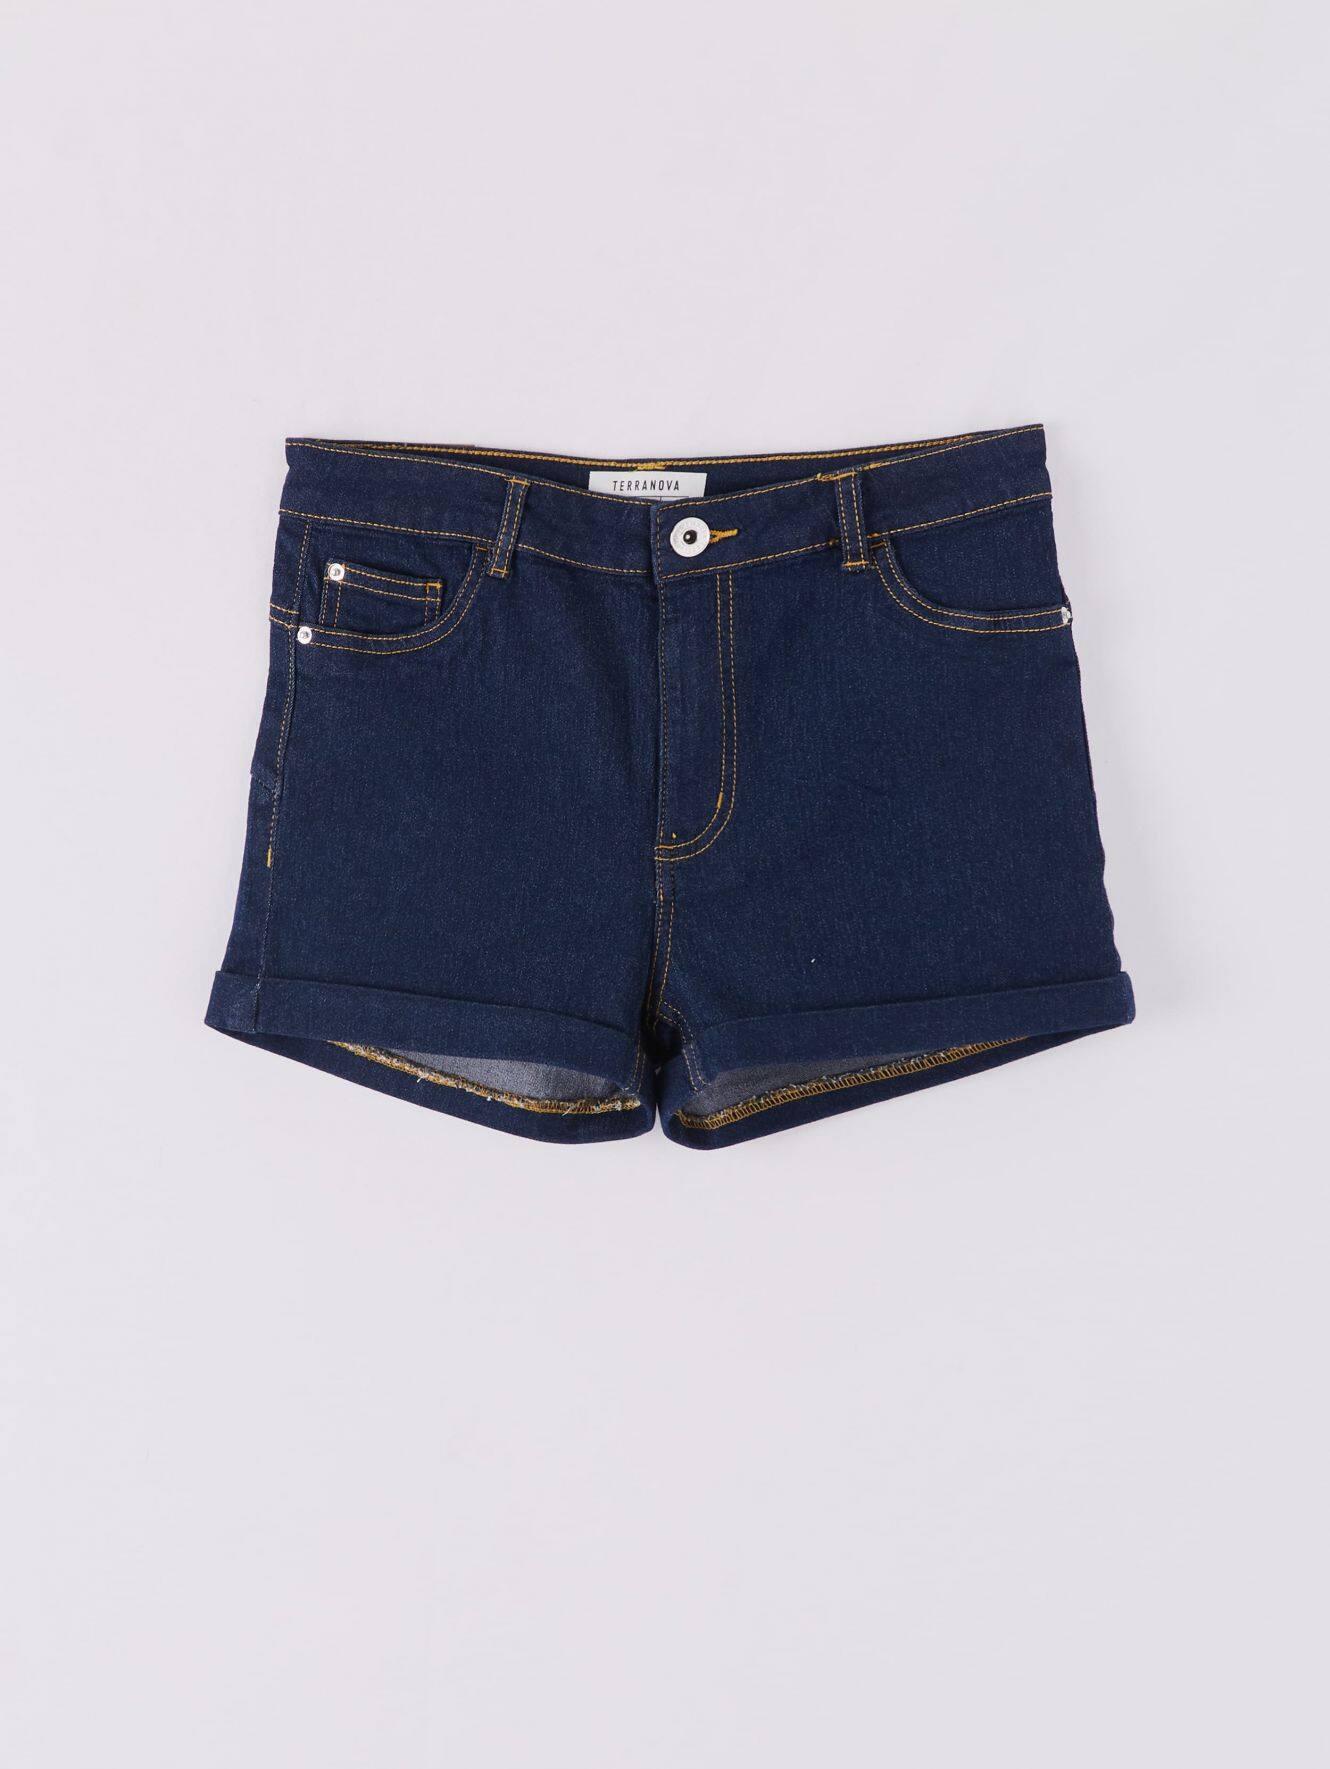 Pantalone Jeans Corto Mujer Terranova